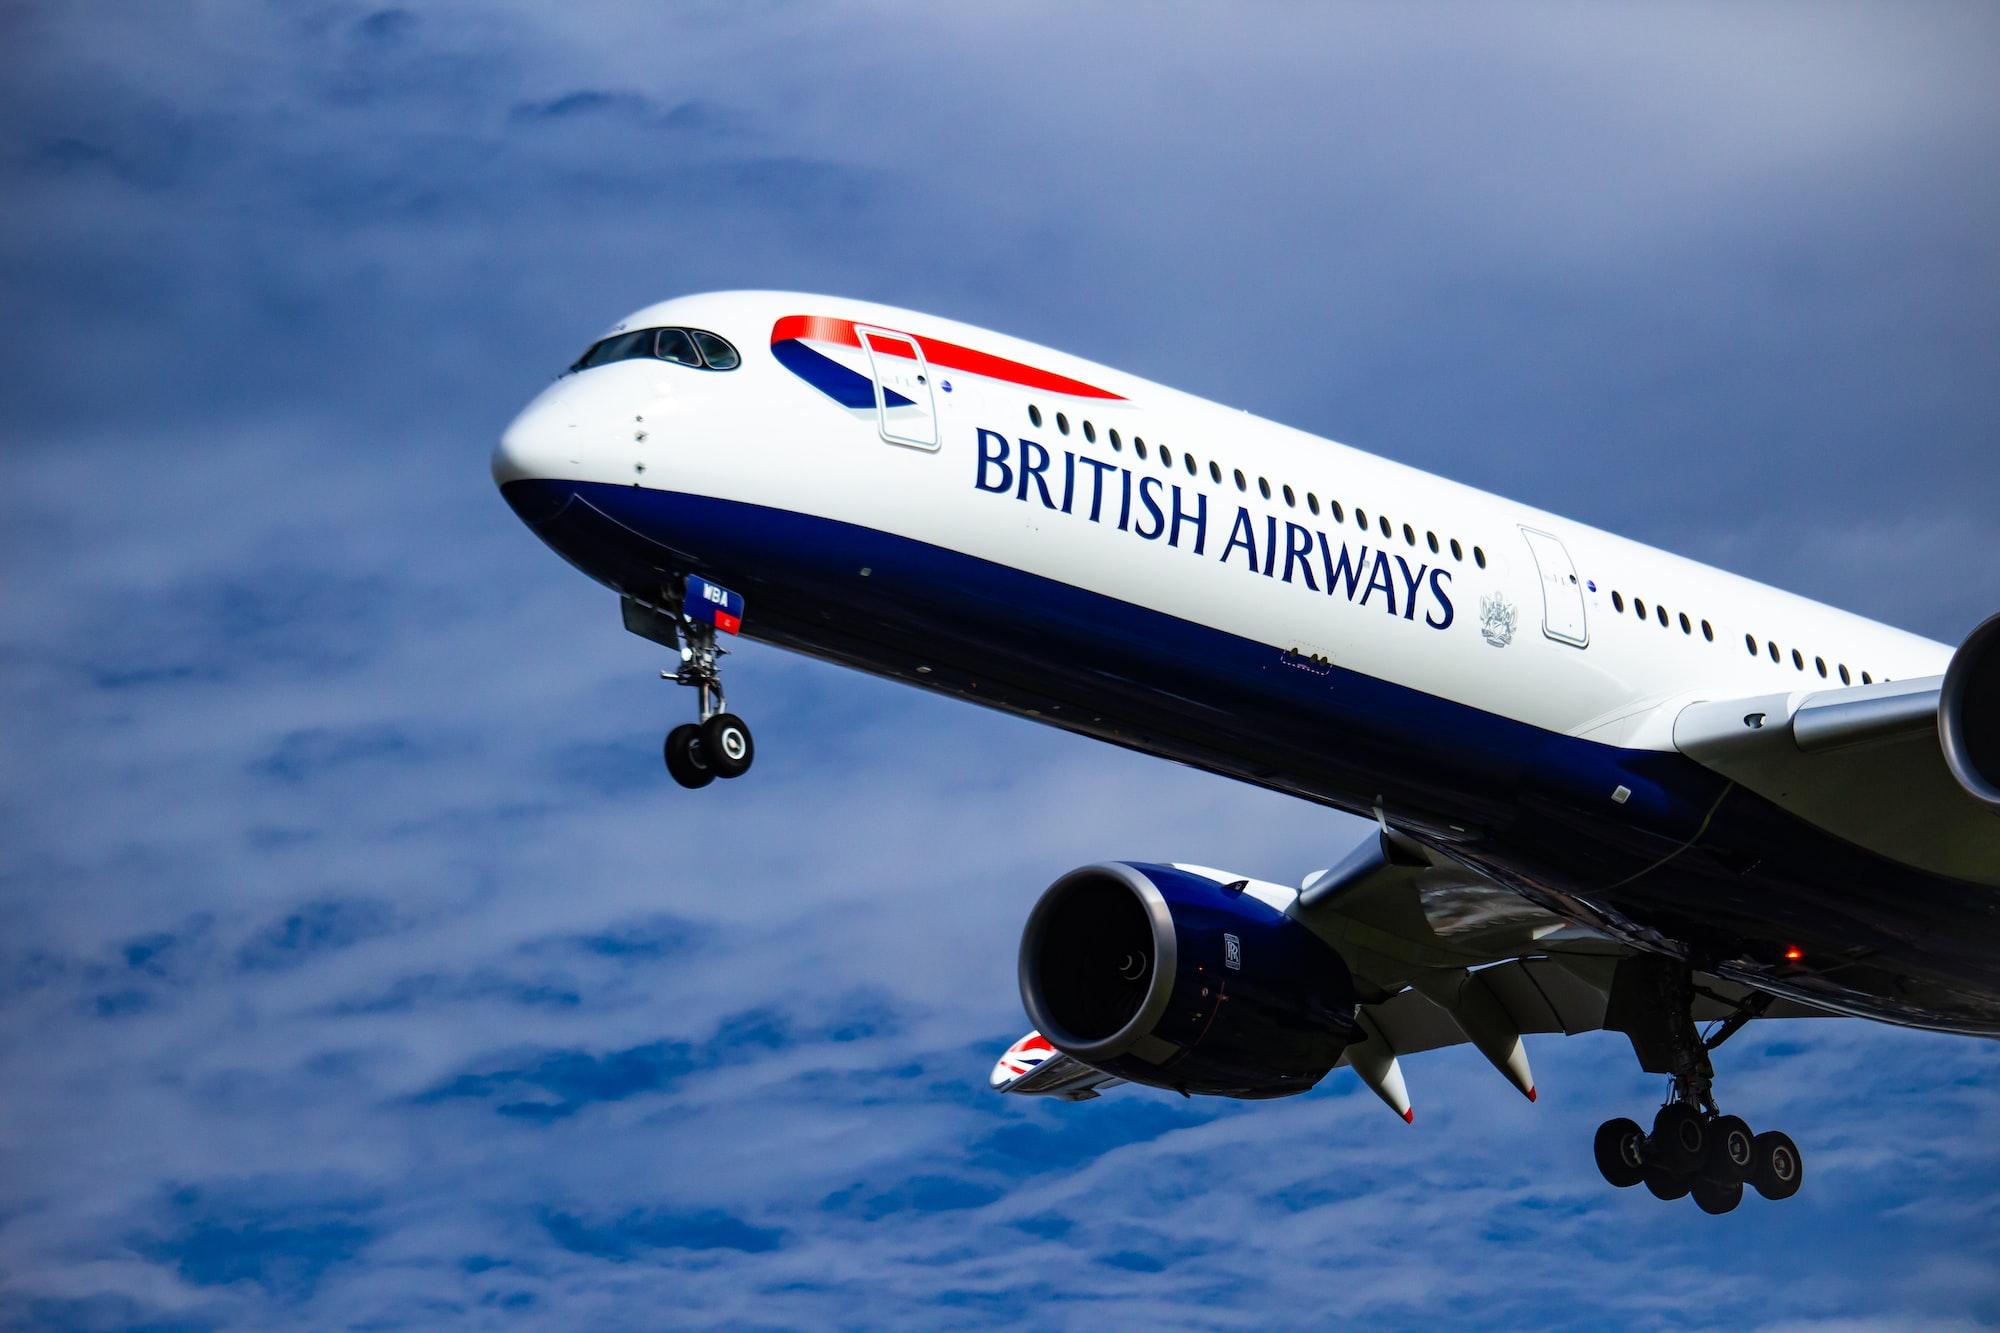 British Airways to resume flights from Chennai to London